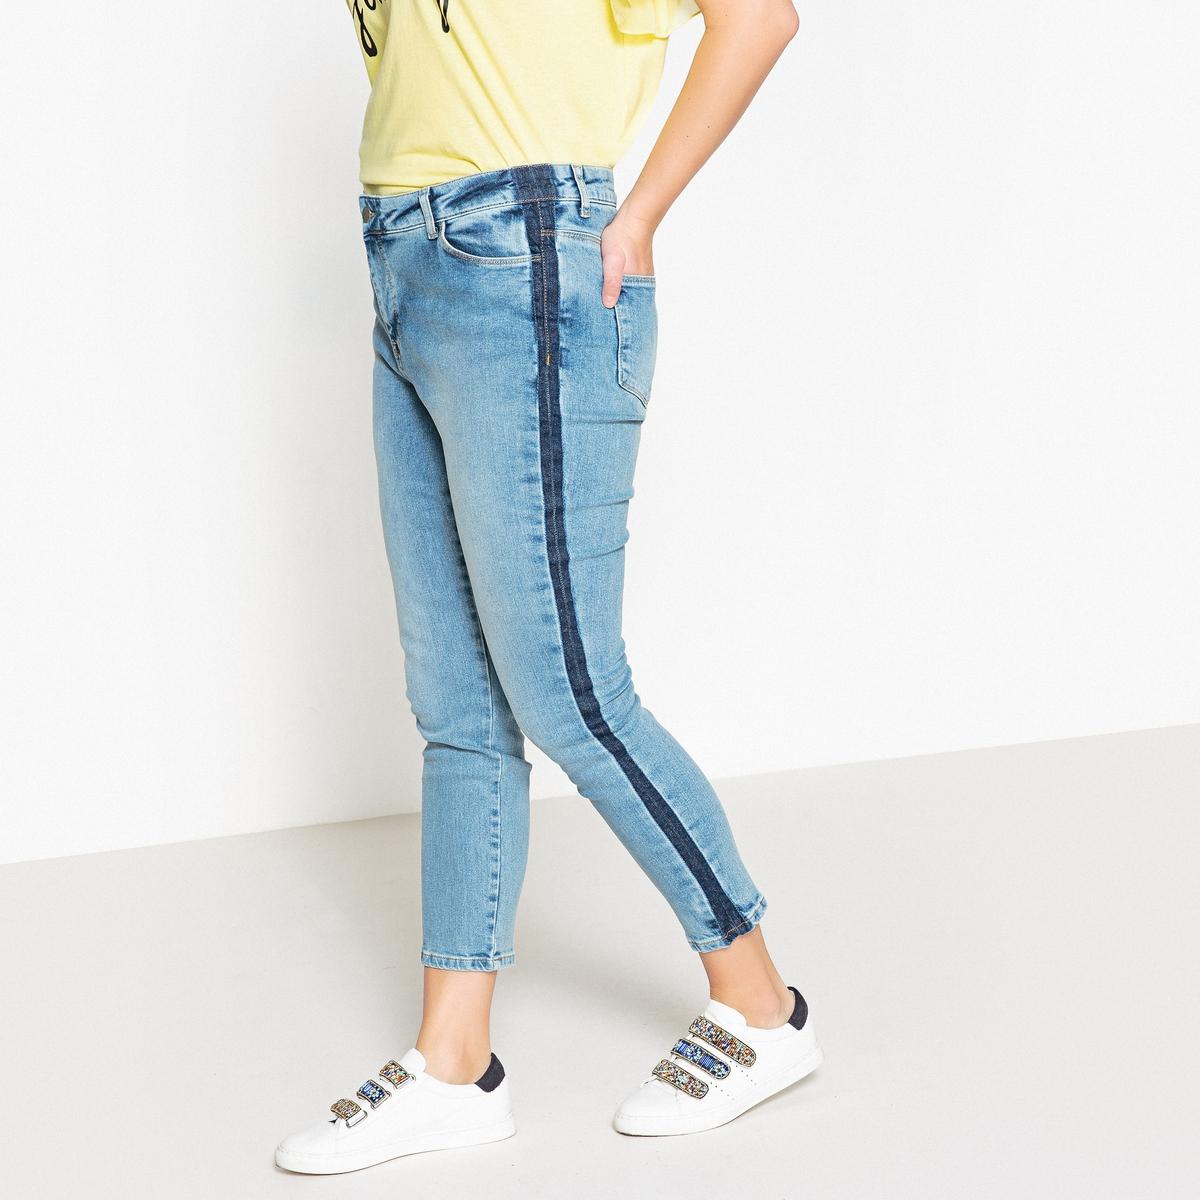 Джинсы узкиеОписание:Великолепные джинсы с полосками по бокам брючин . Нельзя устоять  !Детали •  Узкие •  Стандартная высота поясаСостав и уход •  98% хлопка, 2% эластана •  Следуйте рекомендациям по уходу, указанным на этикетке изделияТовар из коллекции больших размеров •  Длина по внутр. шву 68 см, ширина по низу 16,2 см<br><br>Цвет: голубой потертый<br>Размер: 42 (FR) - 48 (RUS).58 (FR) - 64 (RUS).56 (FR) - 62 (RUS).54 (FR) - 60 (RUS).50 (FR) - 56 (RUS).48 (FR) - 54 (RUS)